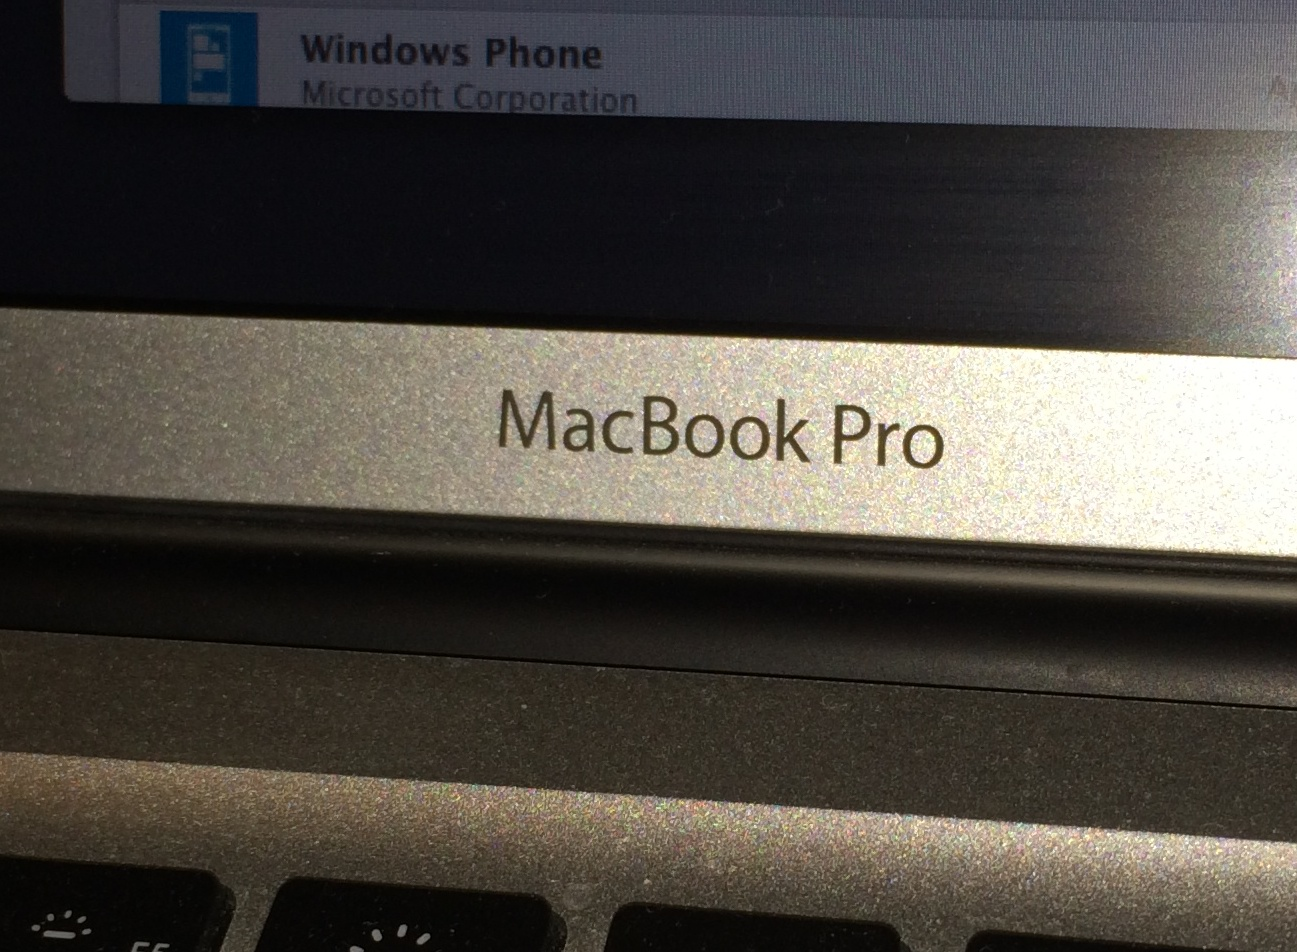 Macbook pro release date in Perth